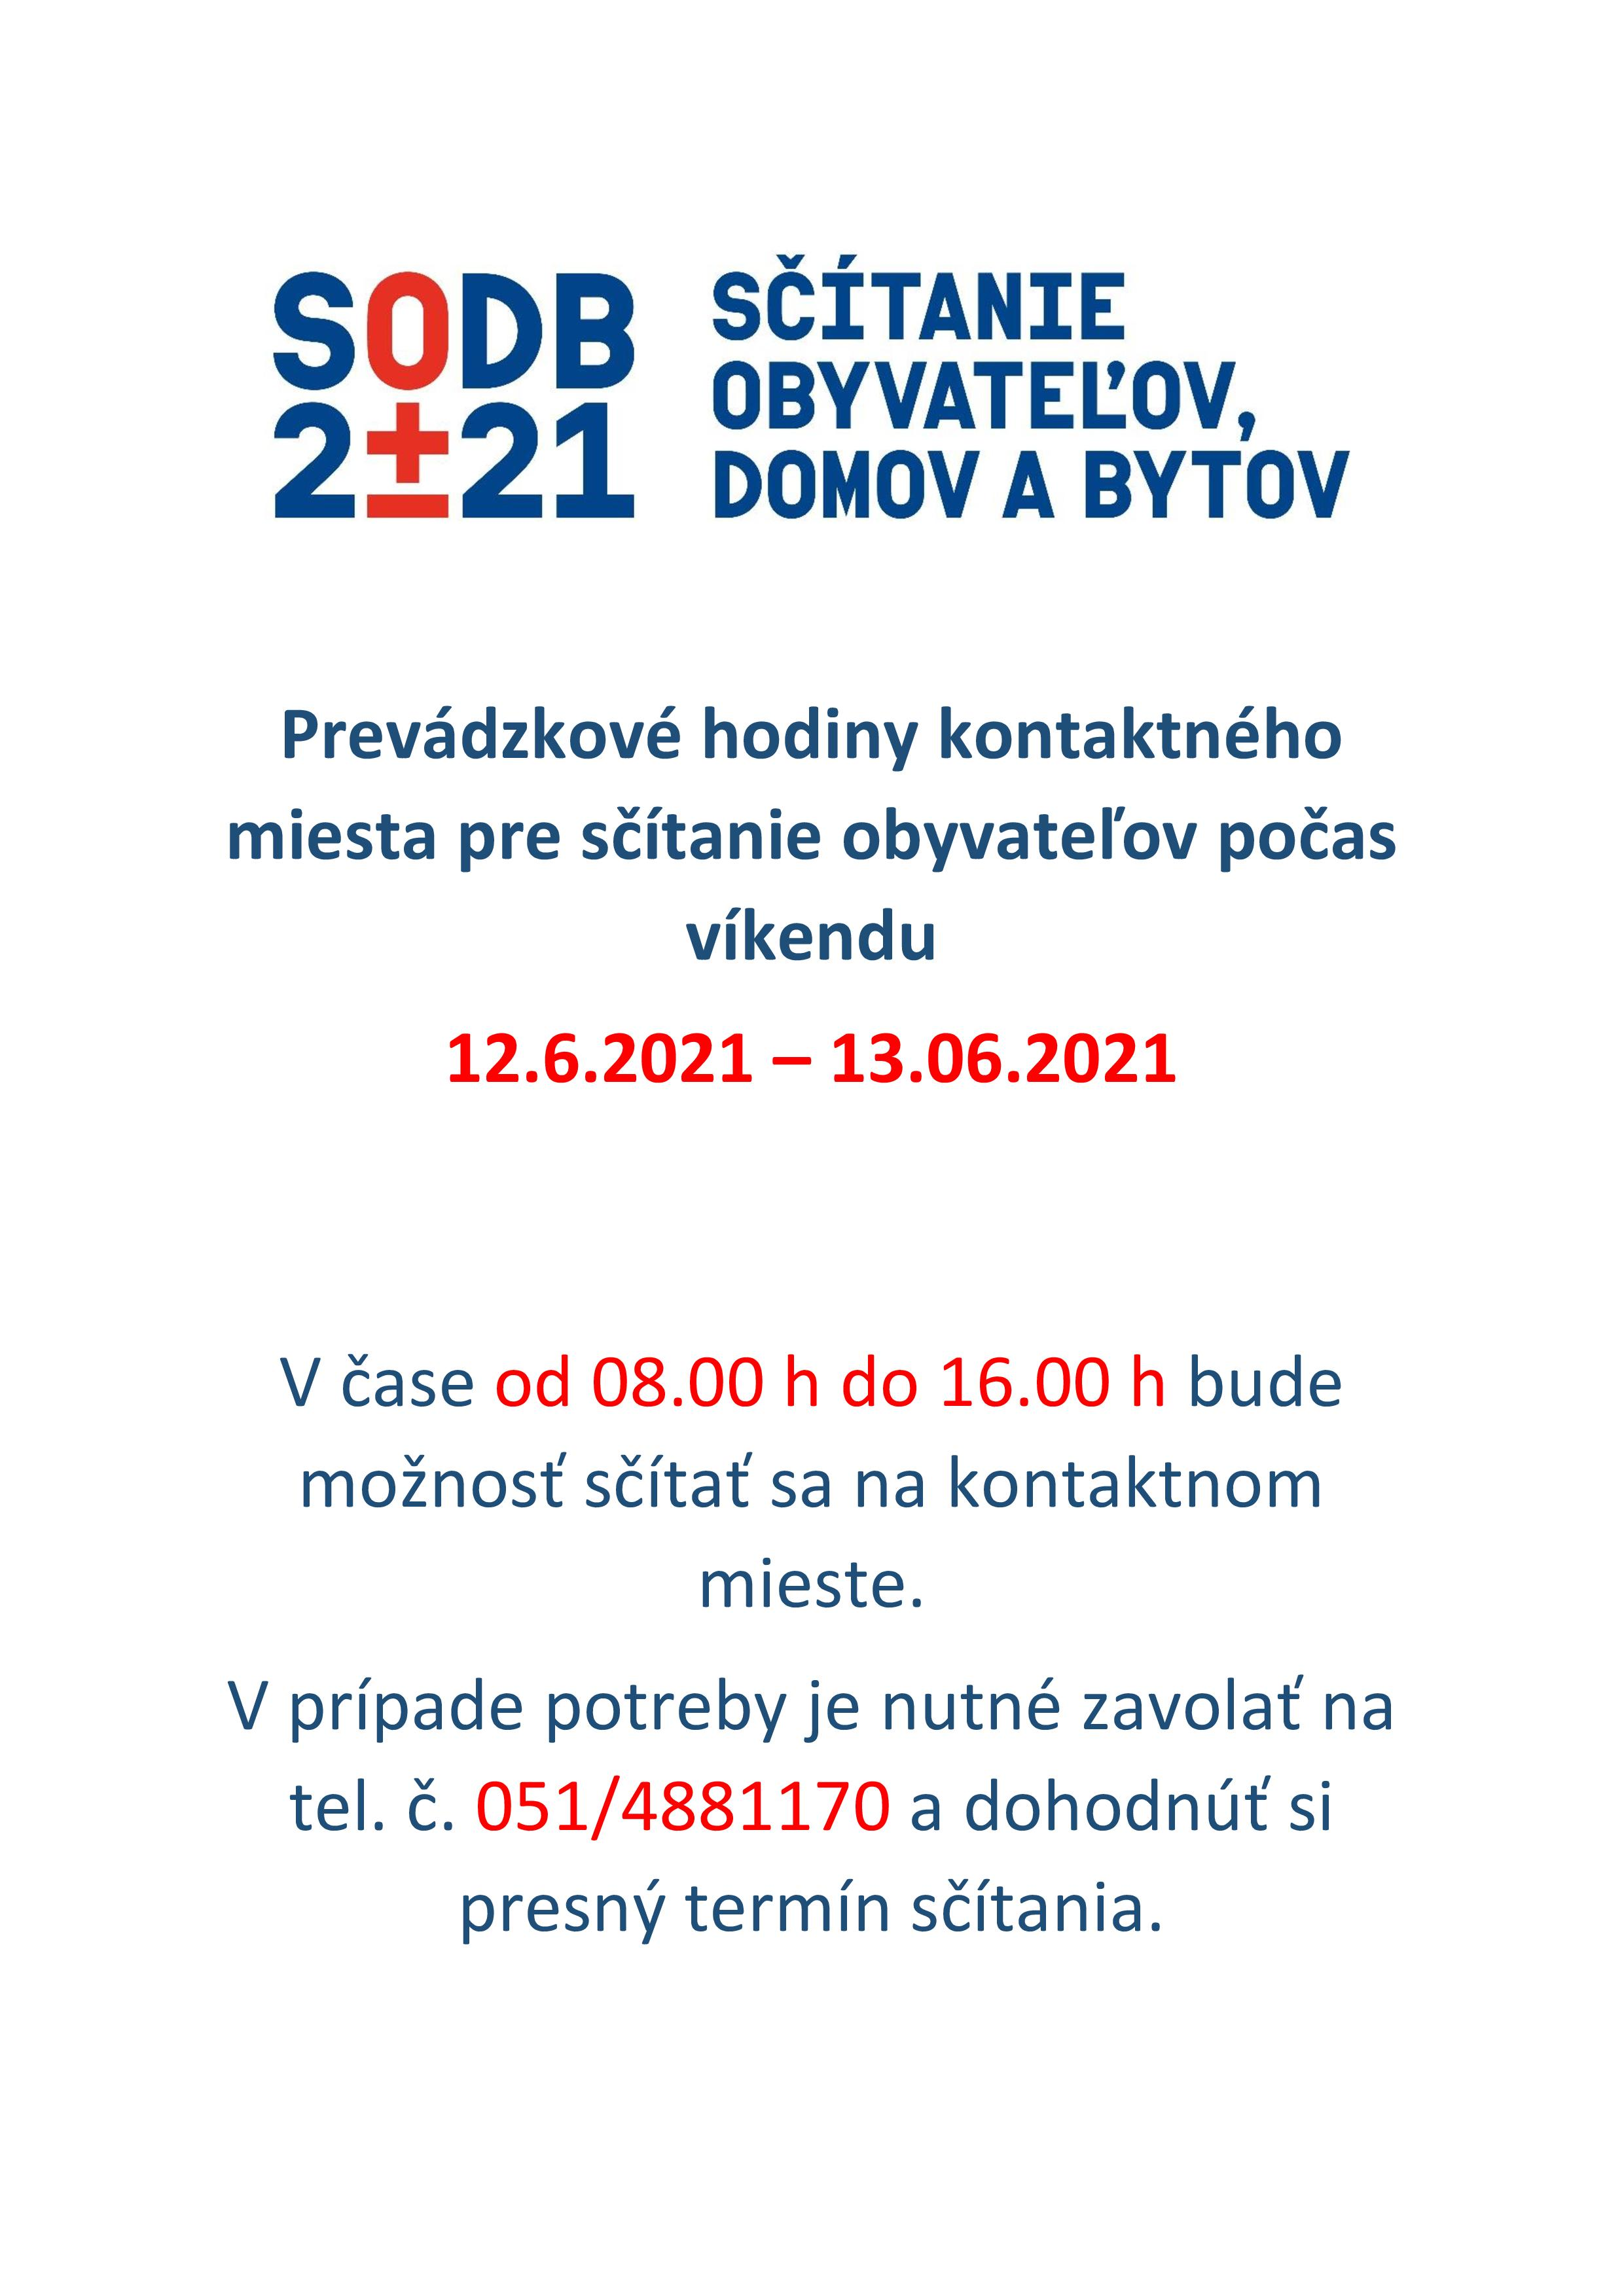 Prevádzkové_hodiny_kontaktného_miesta_počas_posledného_víkendu_sčítania-page-001